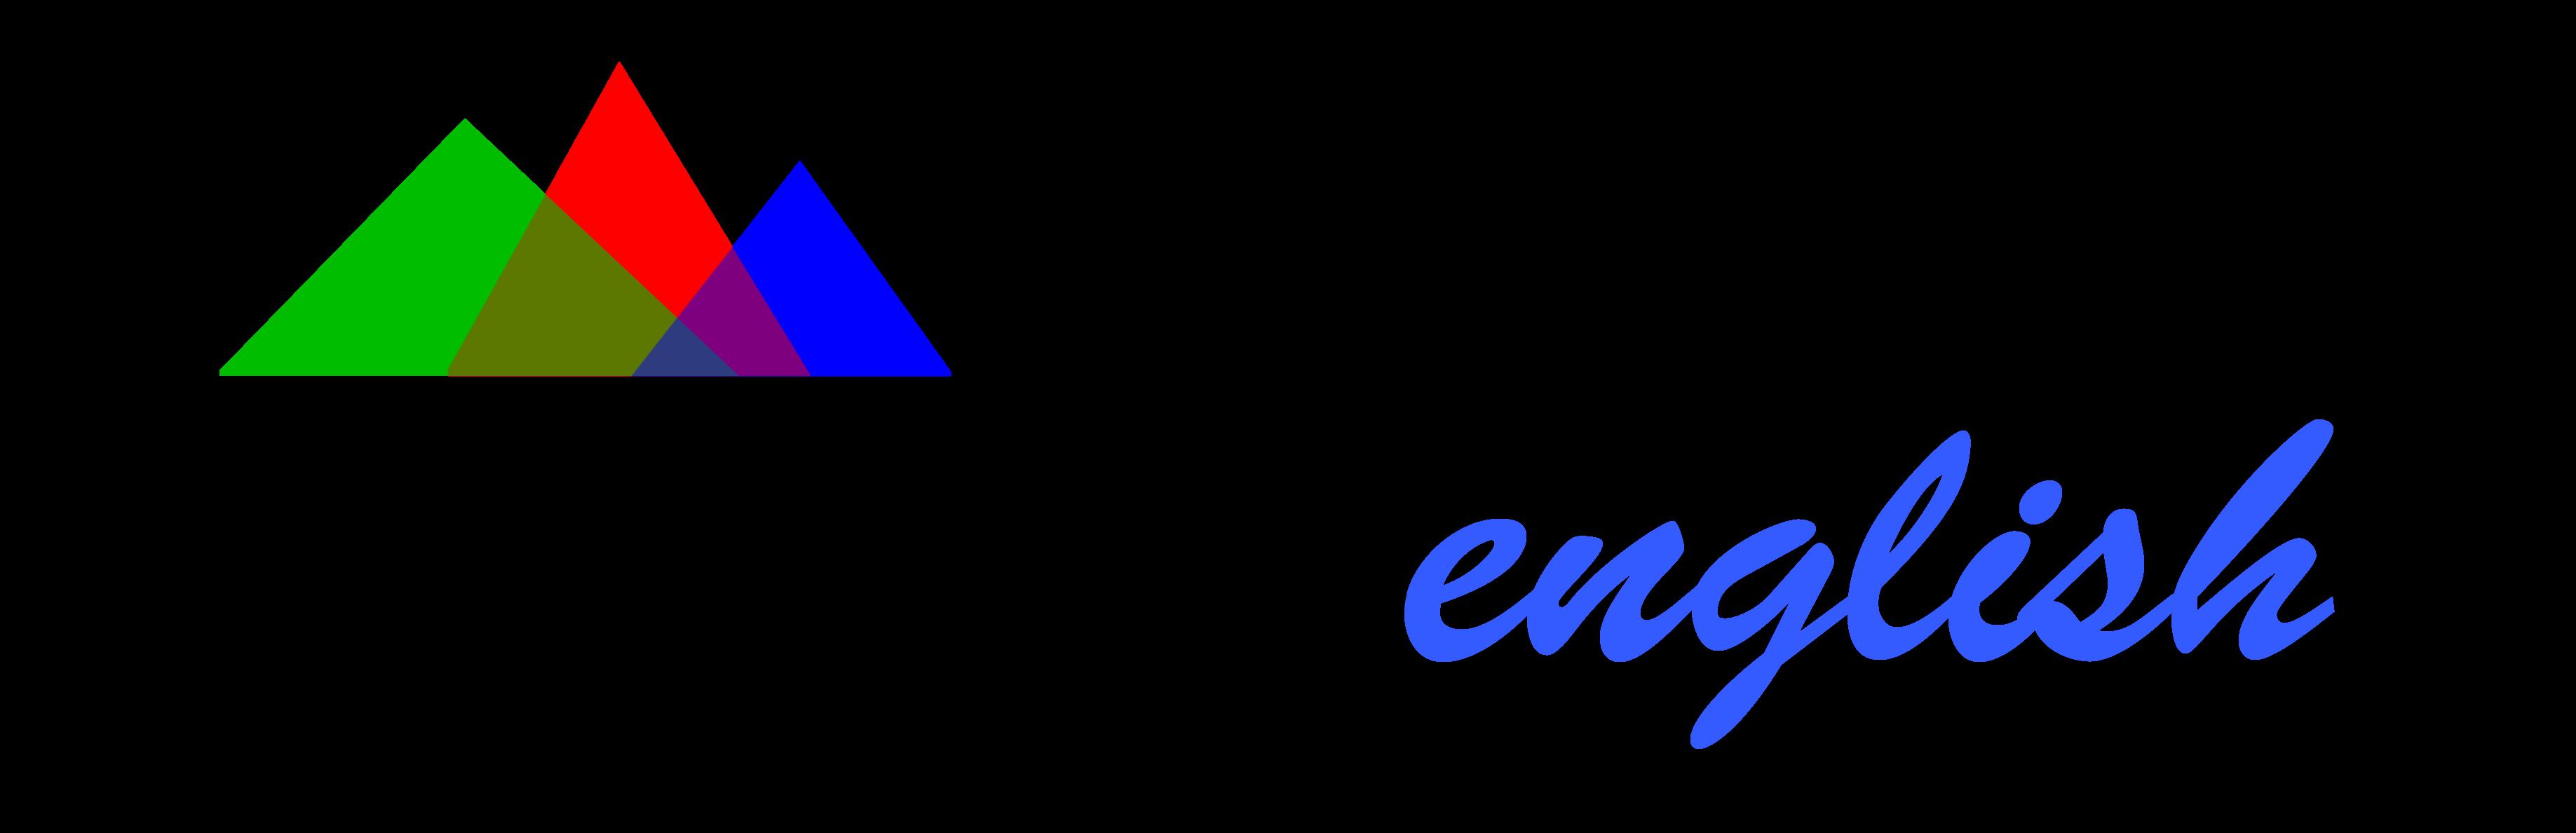 Apprendre l'anglais à Tarbes avec Pyrénées English - formation en anglais pour particuliers et entreprises.